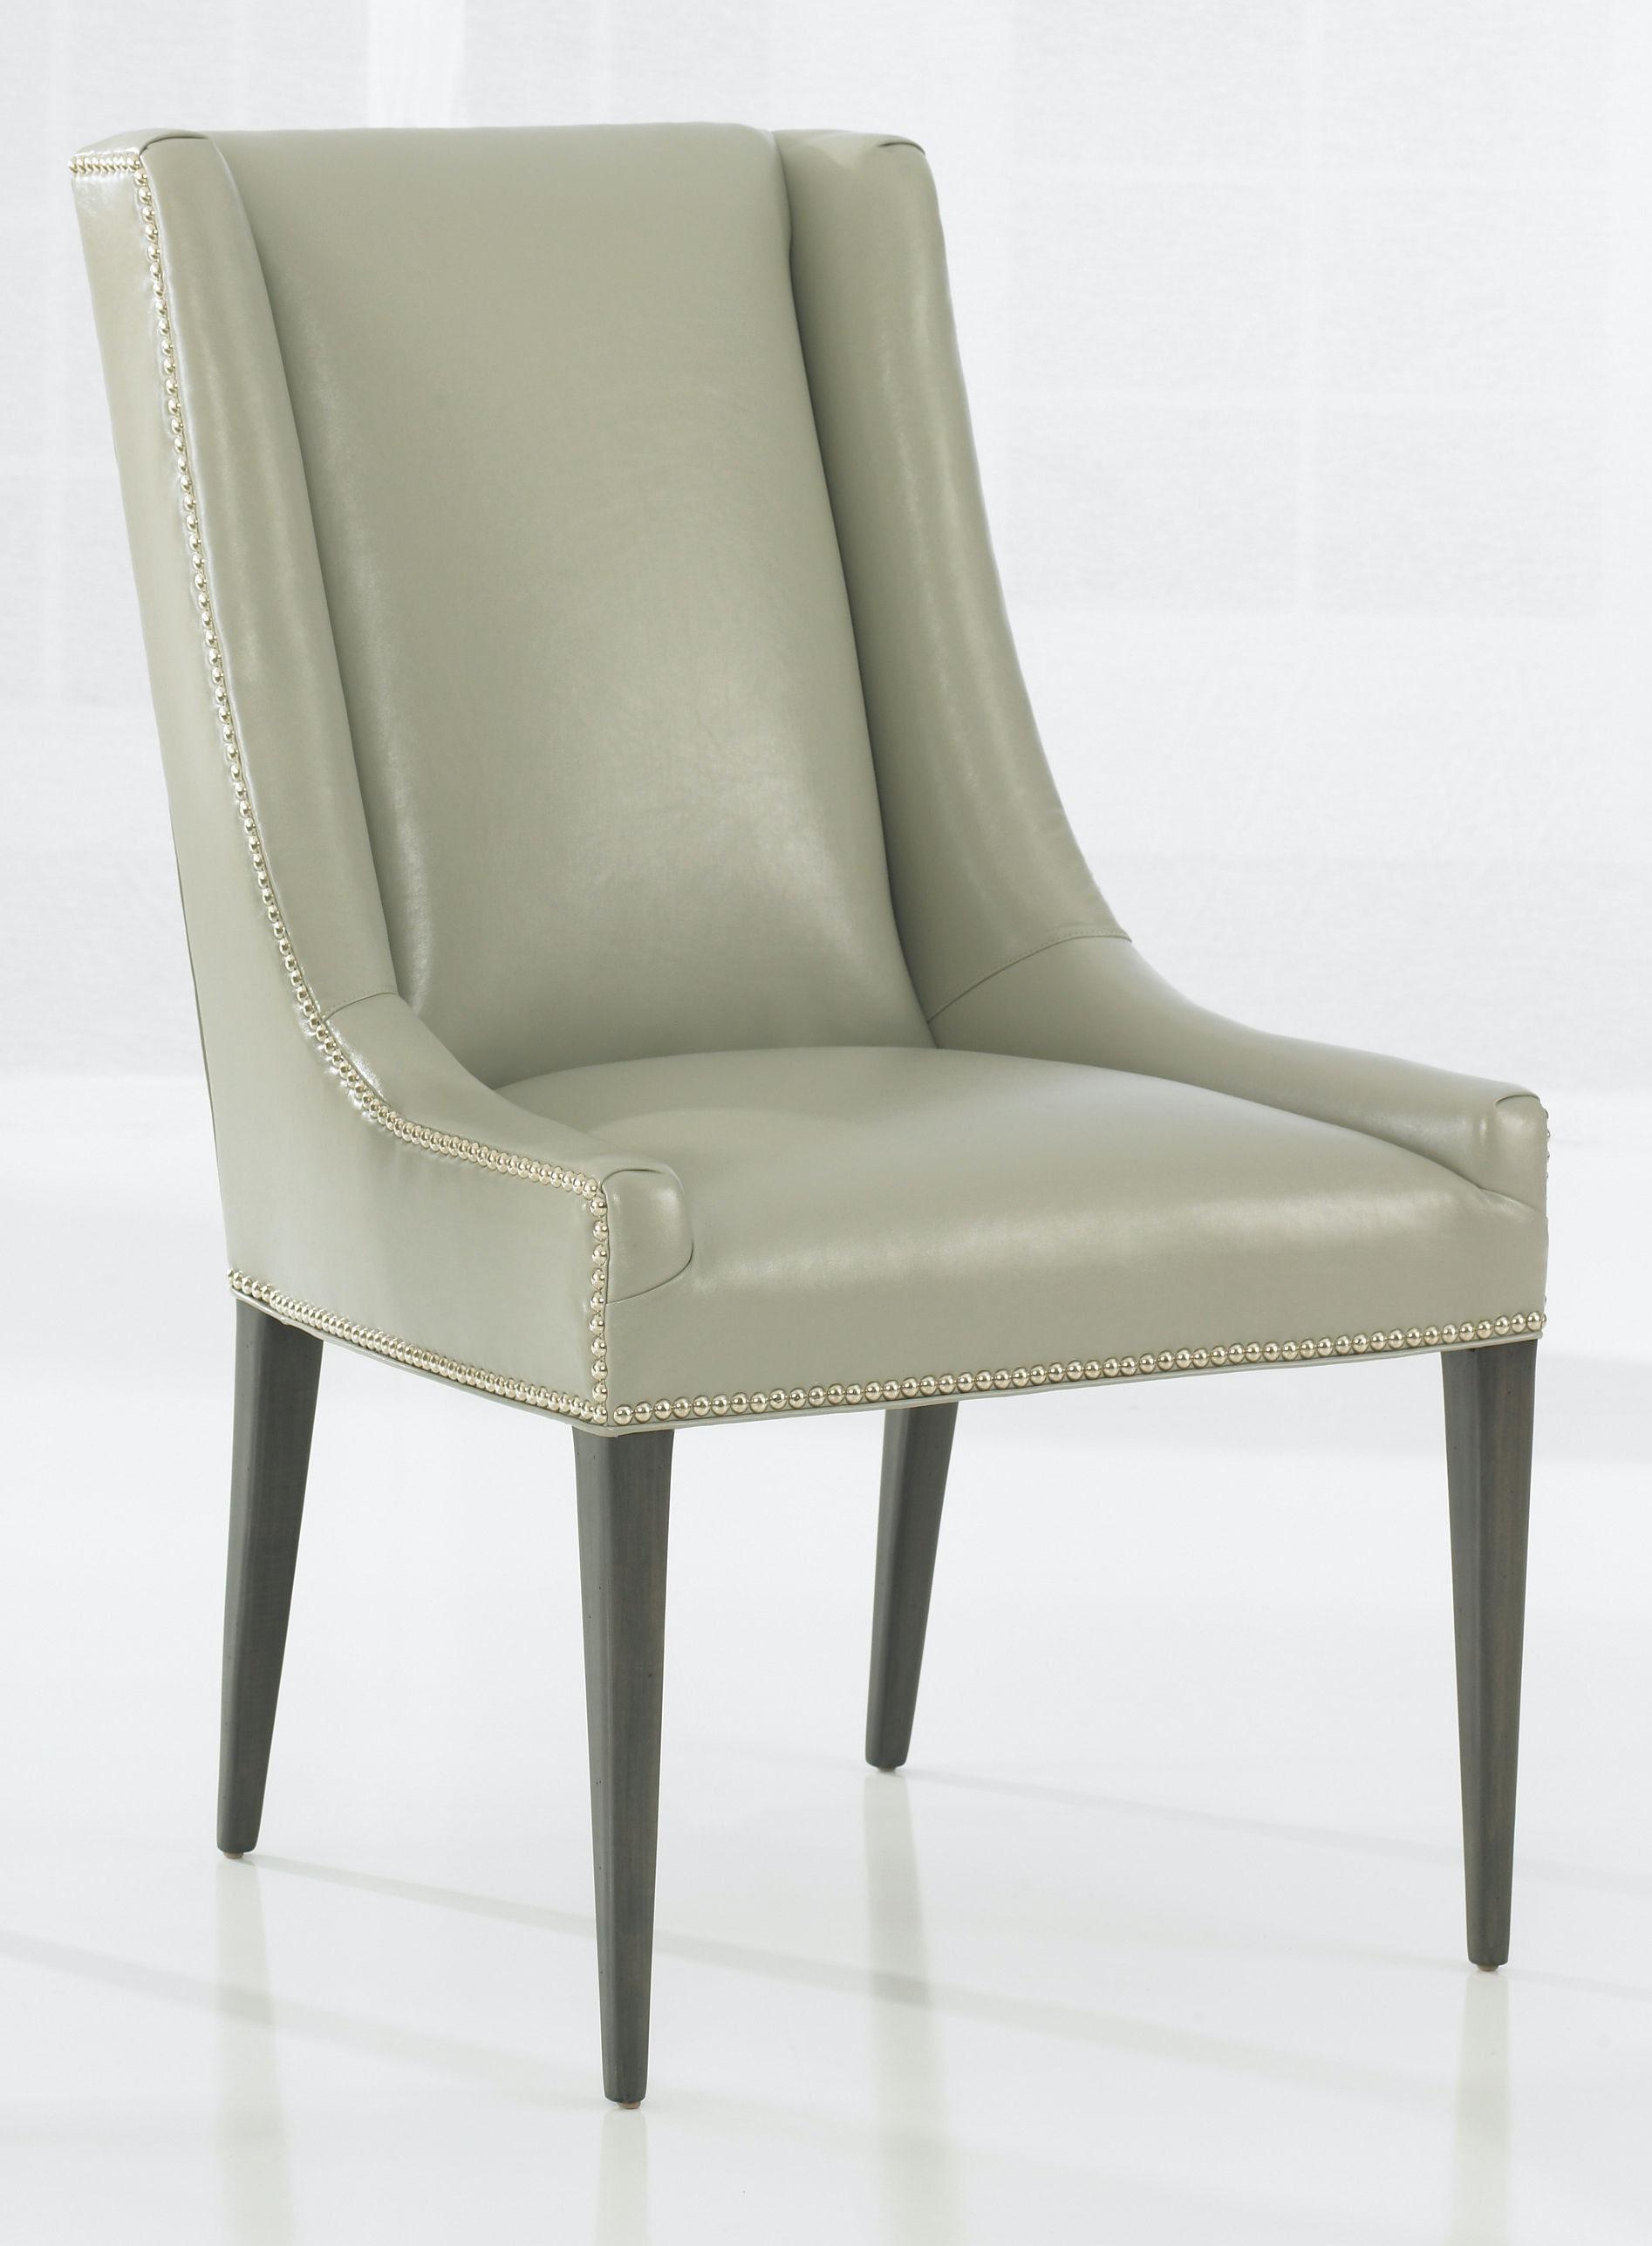 Wonderful Kravet Limoges Side Chair FS34S